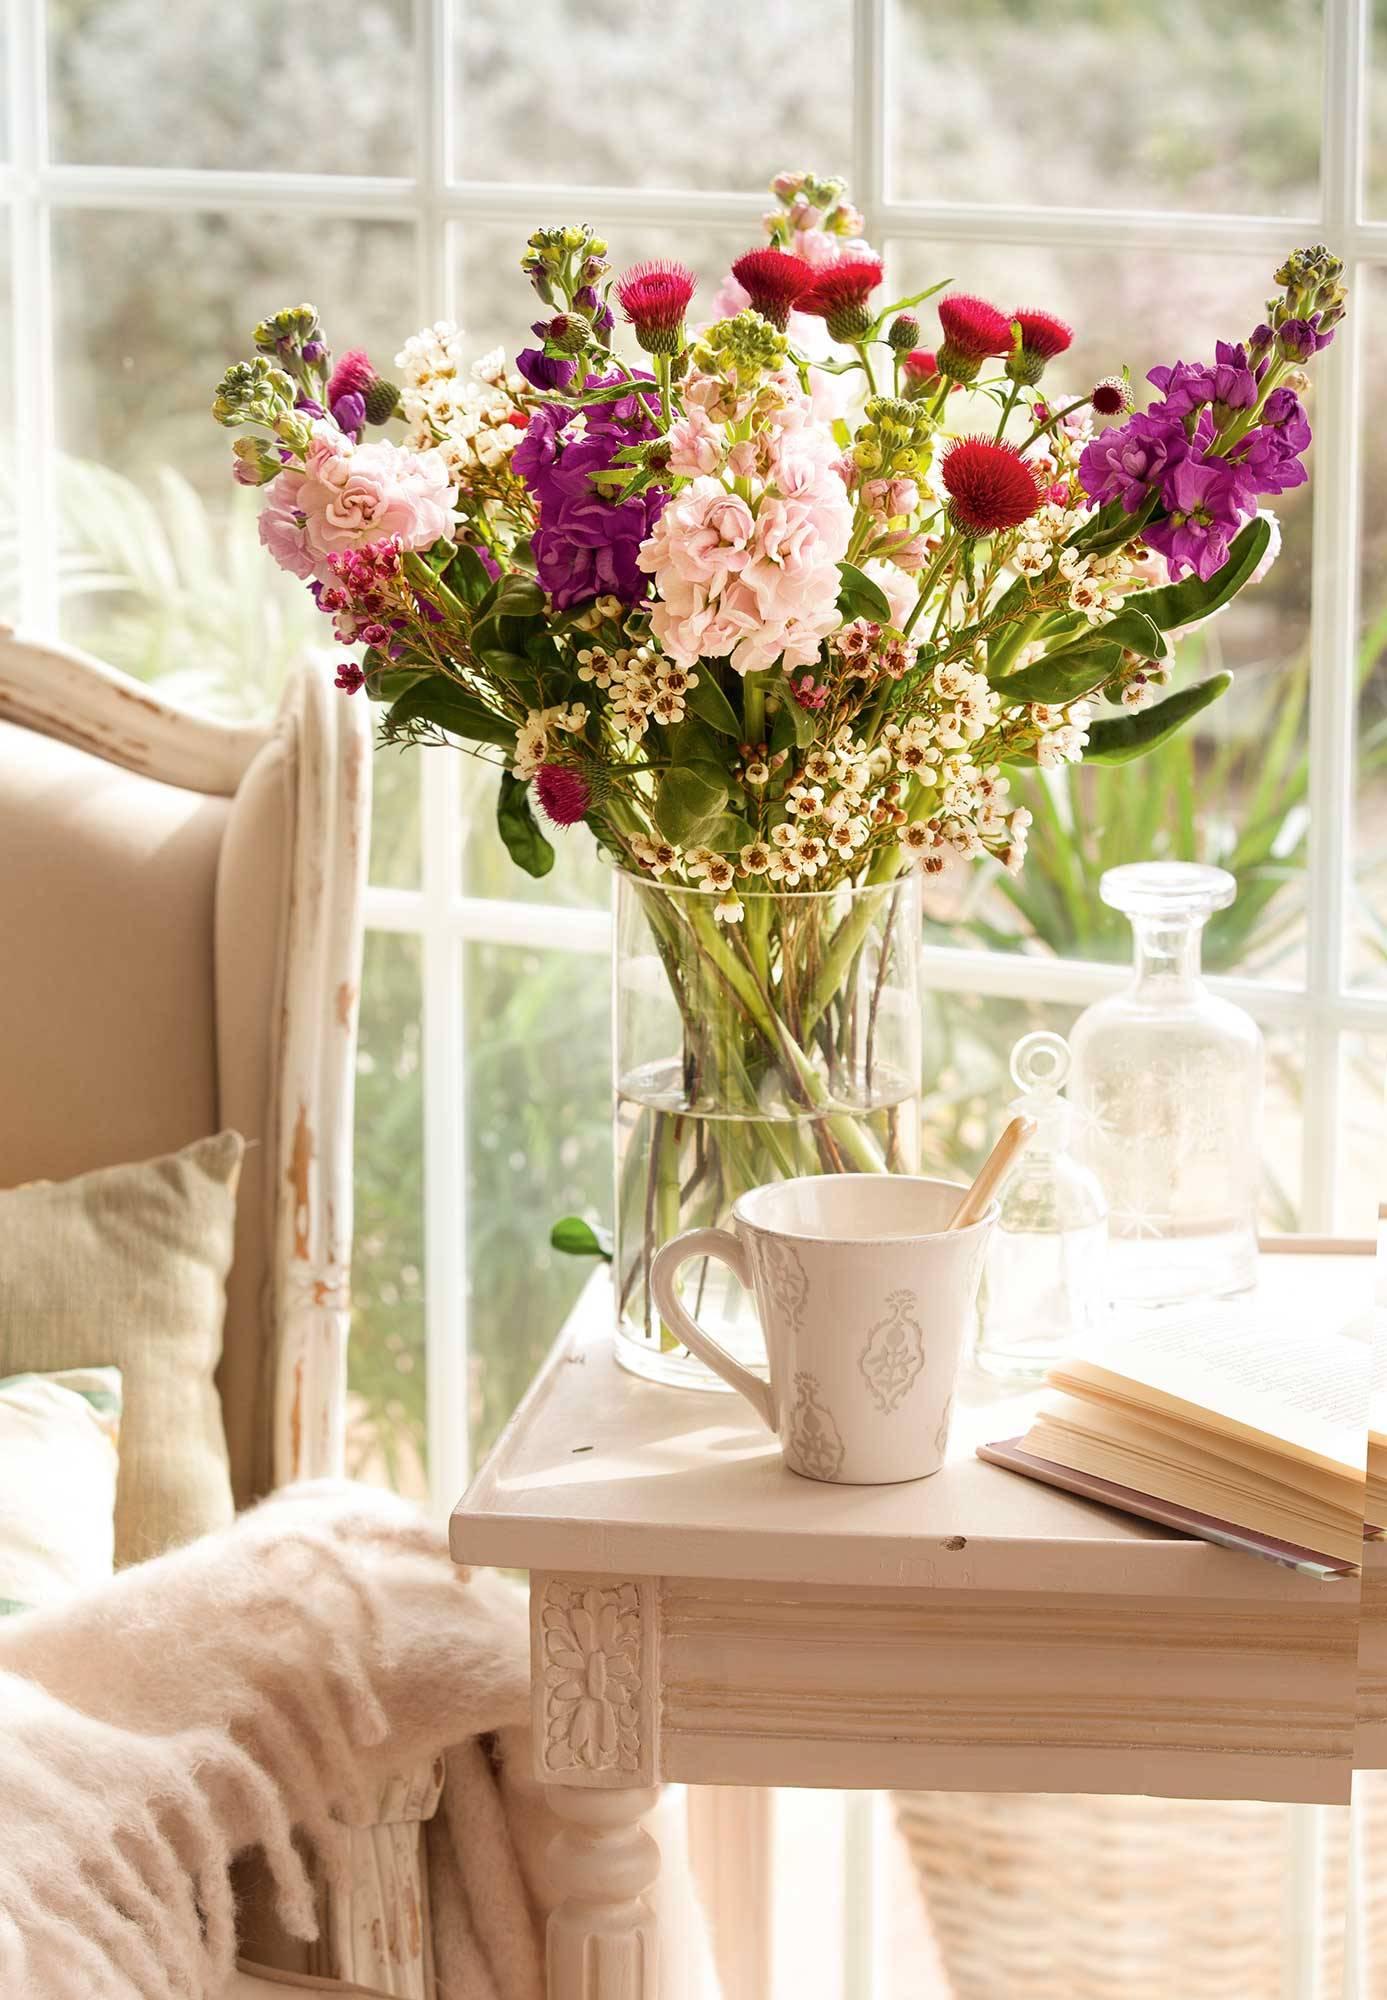 00404020. Un arreglo desenfadado muy primaveral 窗边的鲜花